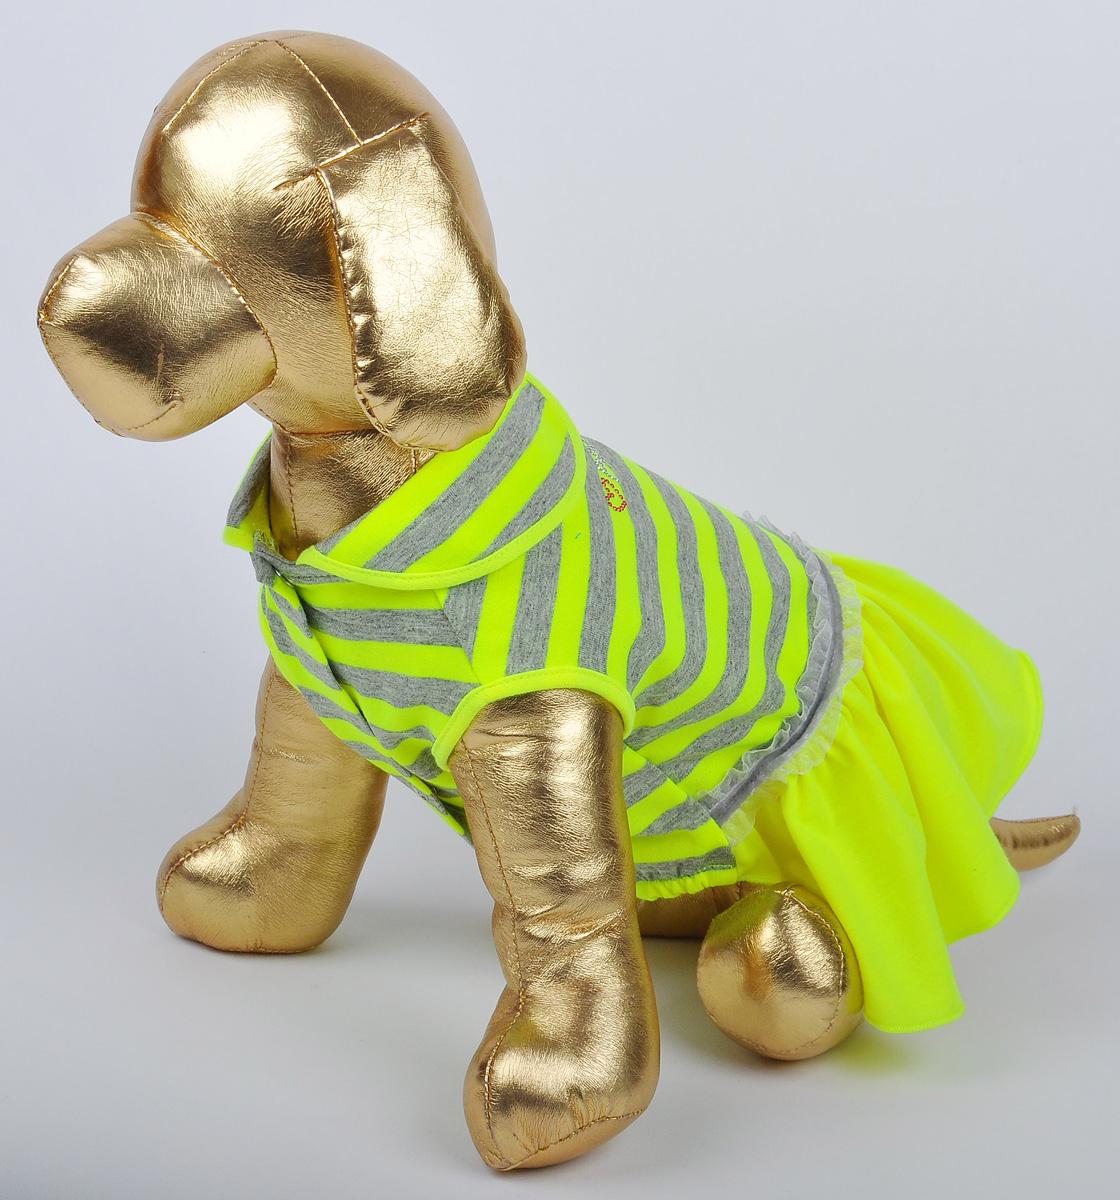 Платье для собак GLG Фэшн Ультра. Размер SMOS-006-YELLOW-SПлатье для собак GLG Фэшн Ультра выполнено из вискозы. Рукава не ограничивают свободу движений, и собачка будет чувствовать себя в нем комфортно. Изделие застегивается с помощью кнопок..Модное и невероятно удобное платье защитит вашего питомца от пыли и насекомых на улице, согреет дома или на даче.Длина спины: 23-25 смОбхват груди: 31-33 см.Одежда для собак: нужна ли она и как её выбрать. Статья OZON Гид